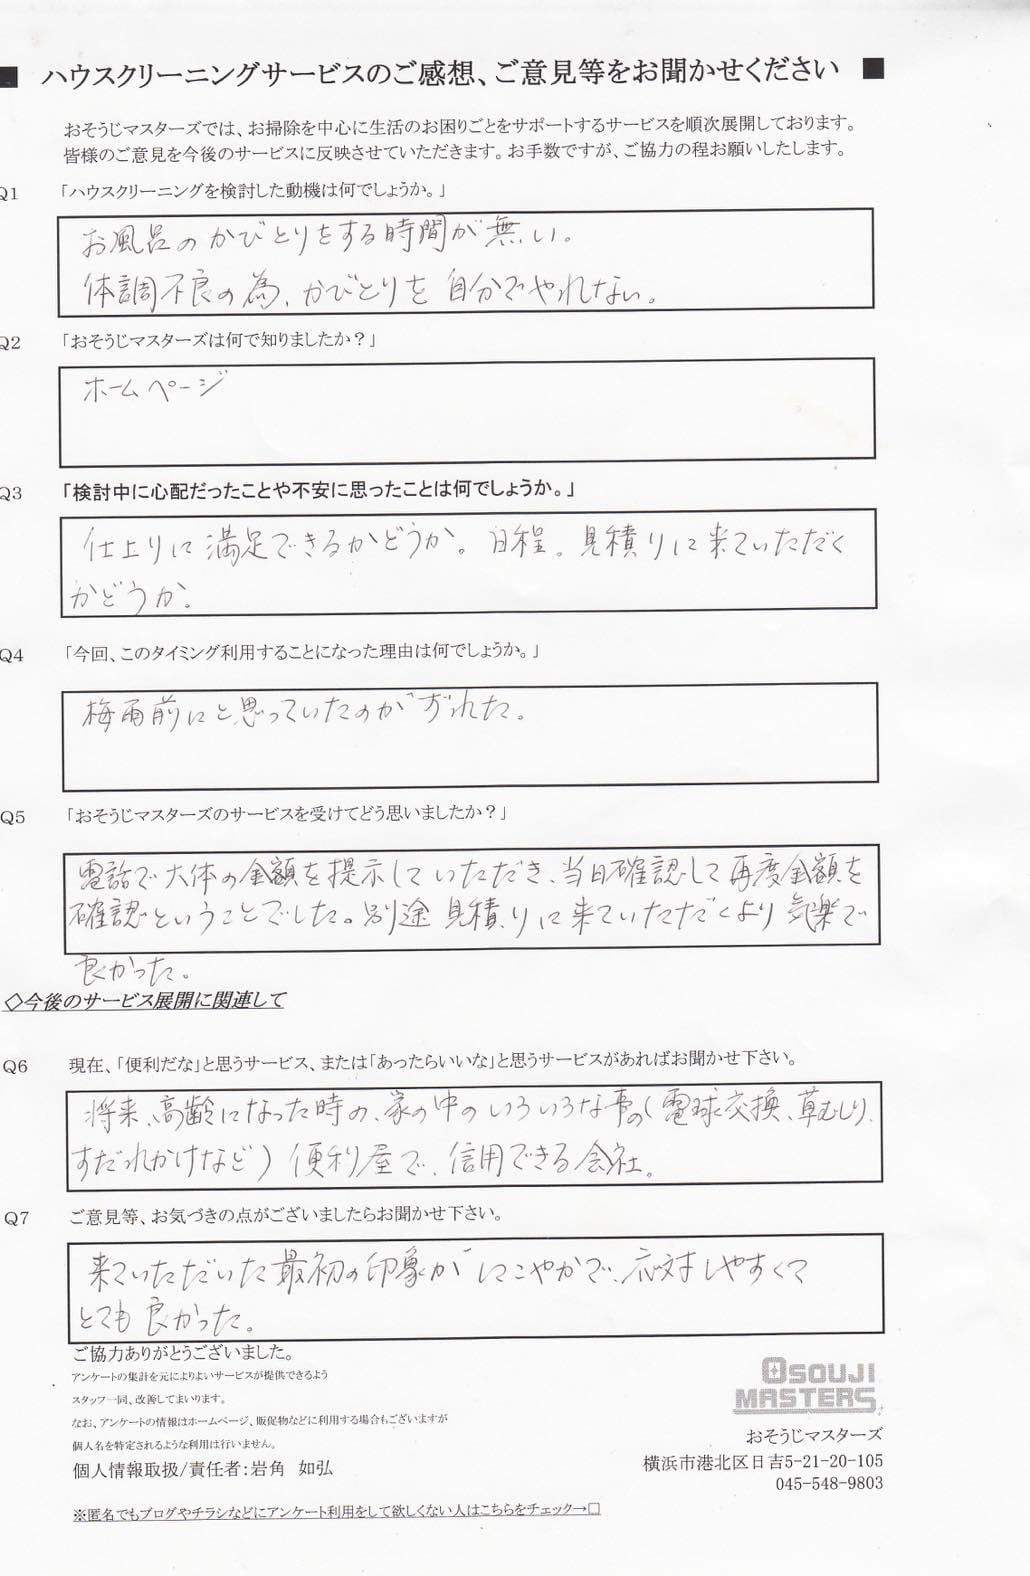 2015/07/21 浴室クリーニング 【横浜市泉区】